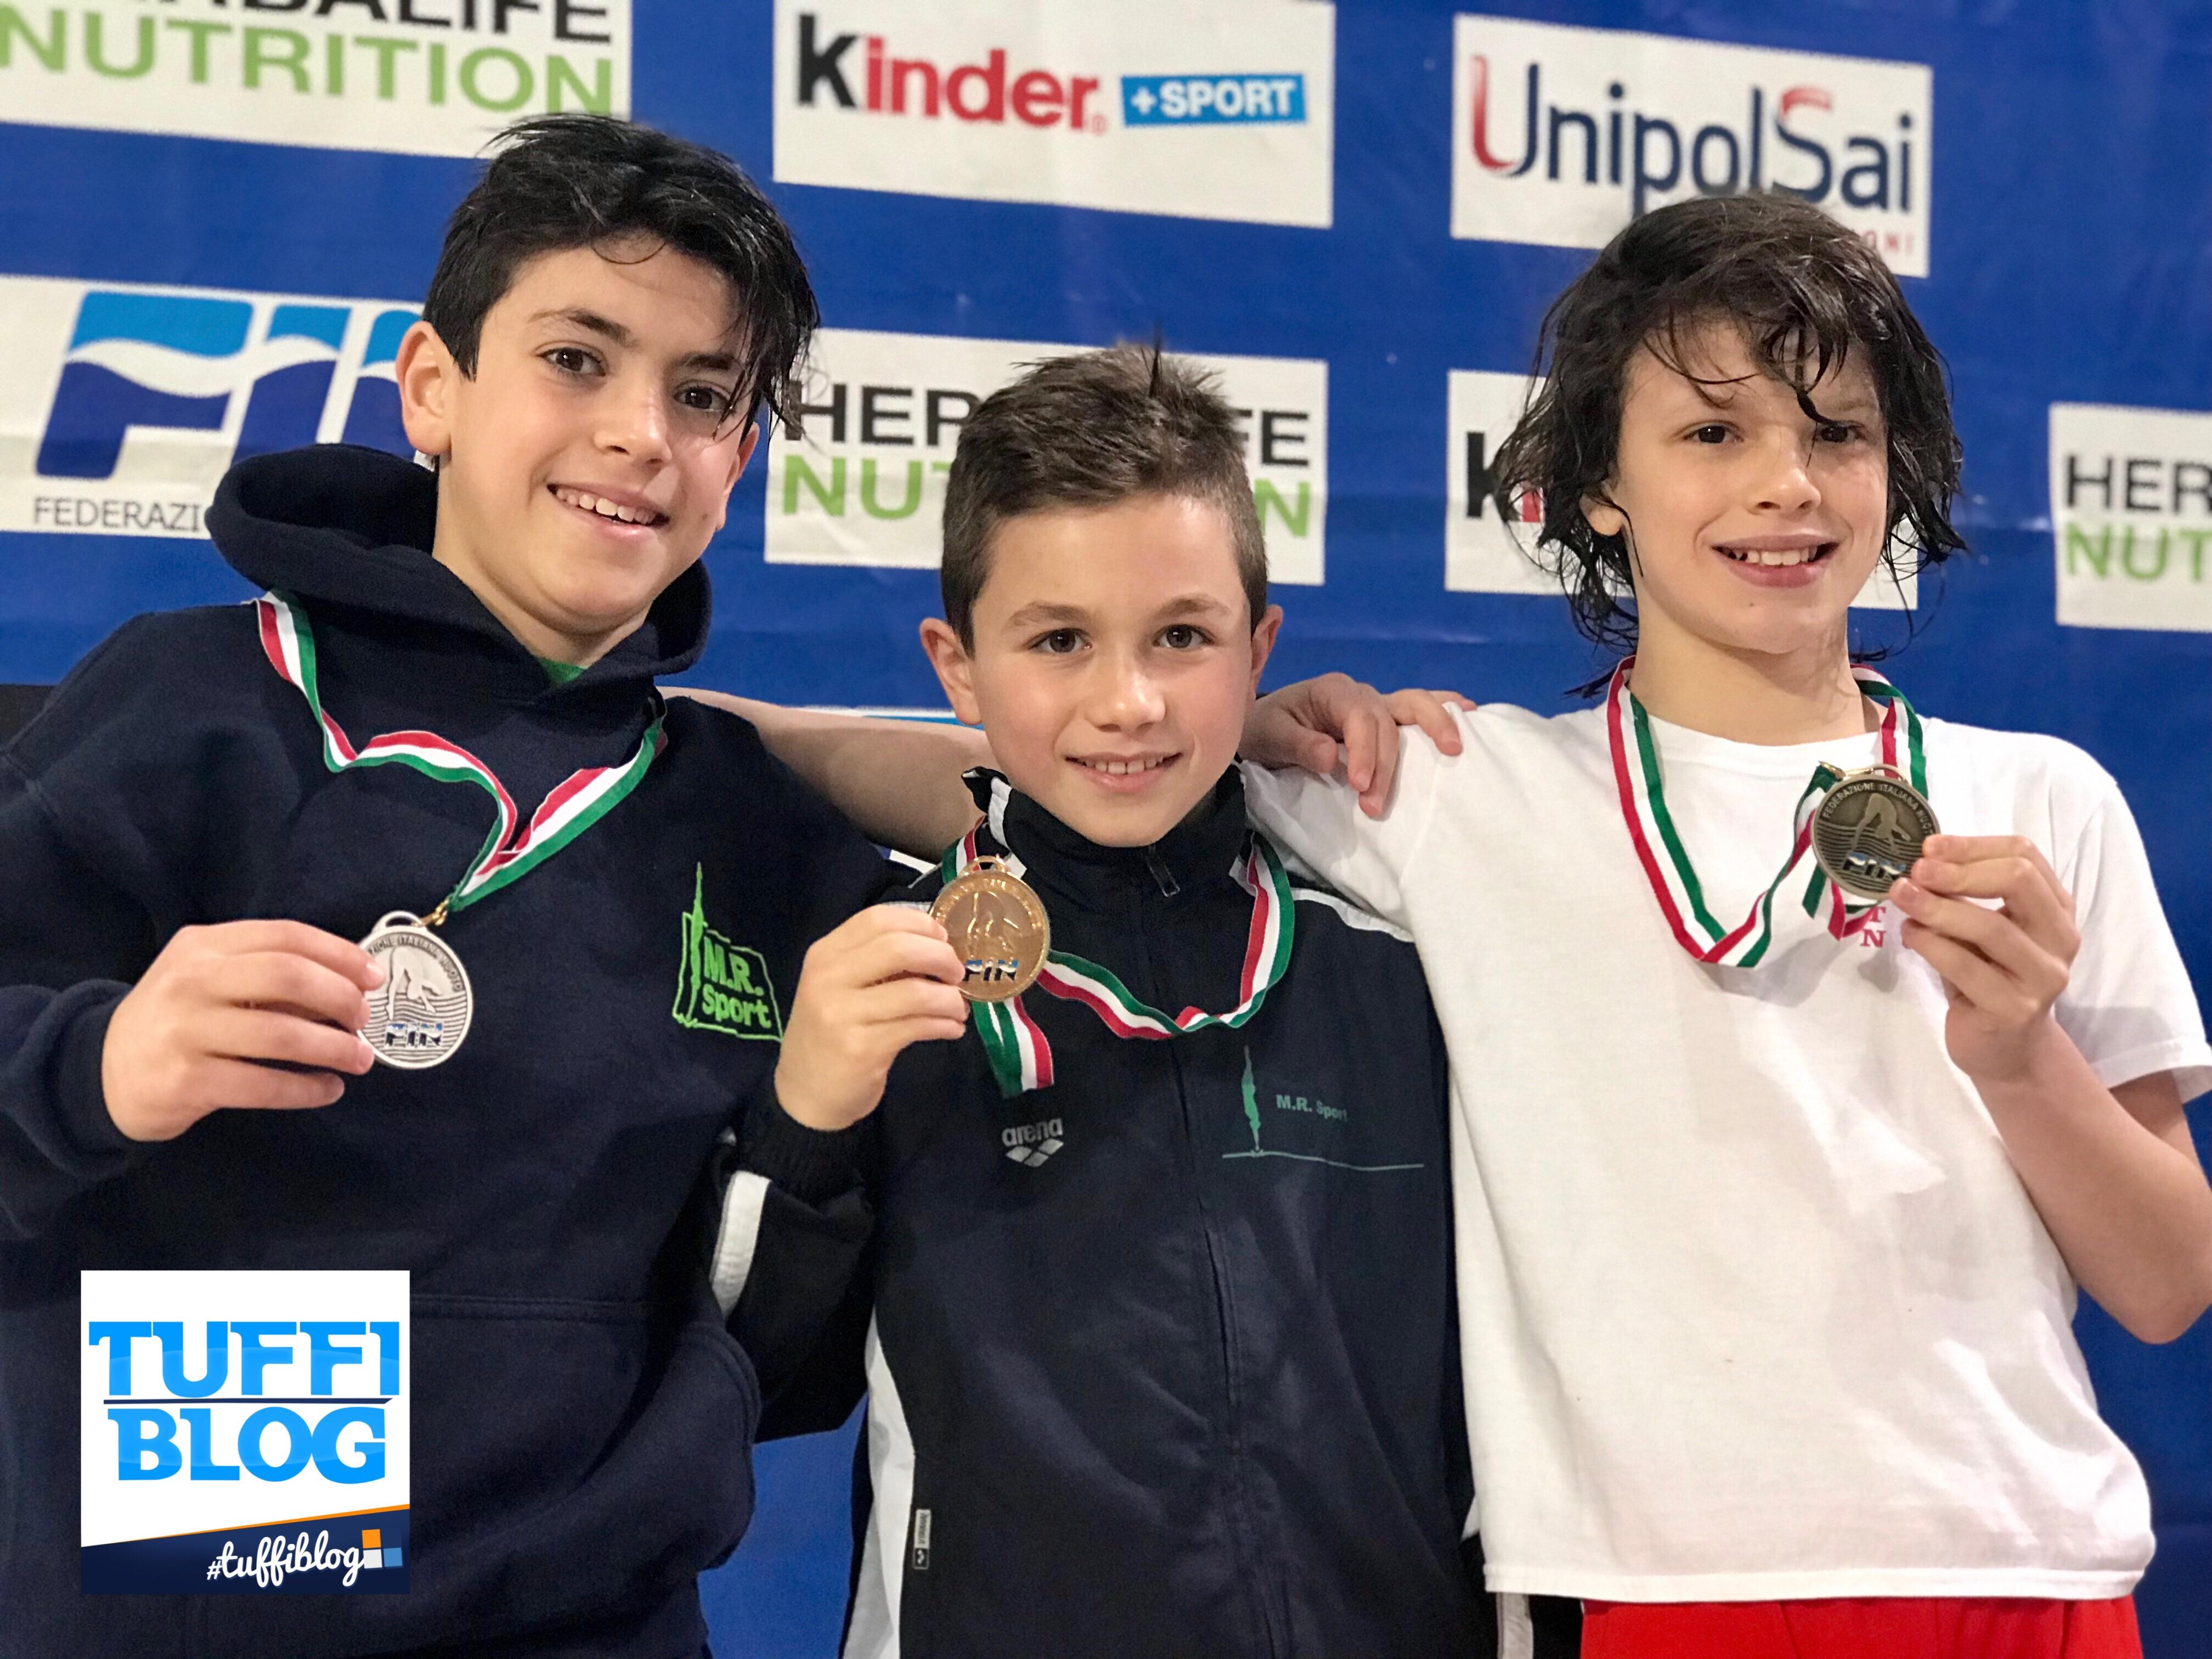 Prima Prova Trofeo Giovanissimi: Trieste - Conte e De Sanctis i primi vincitori!